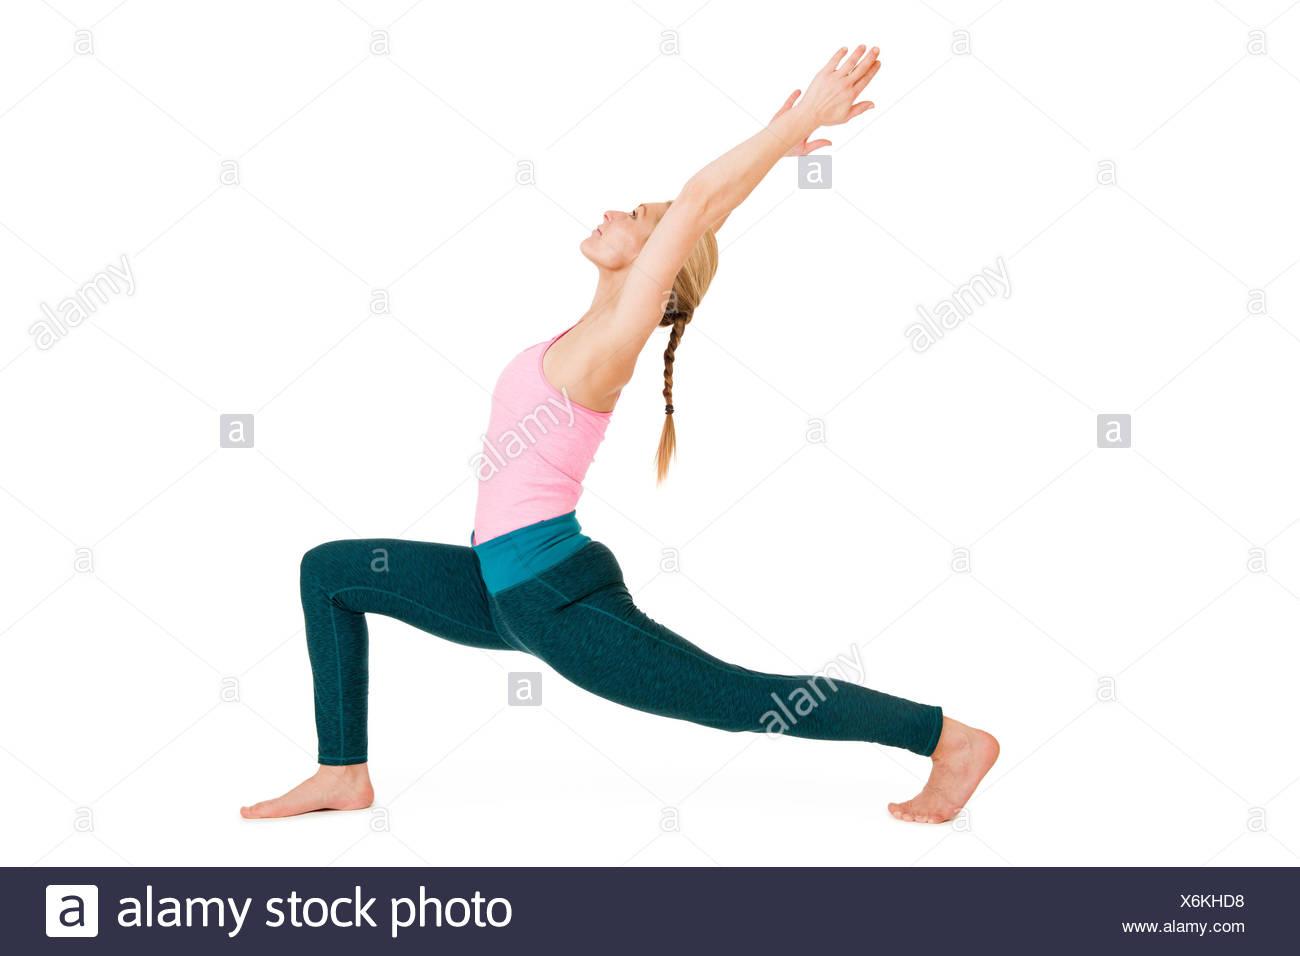 """Seitliche Ganzkörper-Ansicht einer jungen Frau bei Yoga-Übung """"der Krieger 1"""" (Virabhadrasana 1) vor weißen Hintergrund mit leichtem Schatten Stock Photo"""